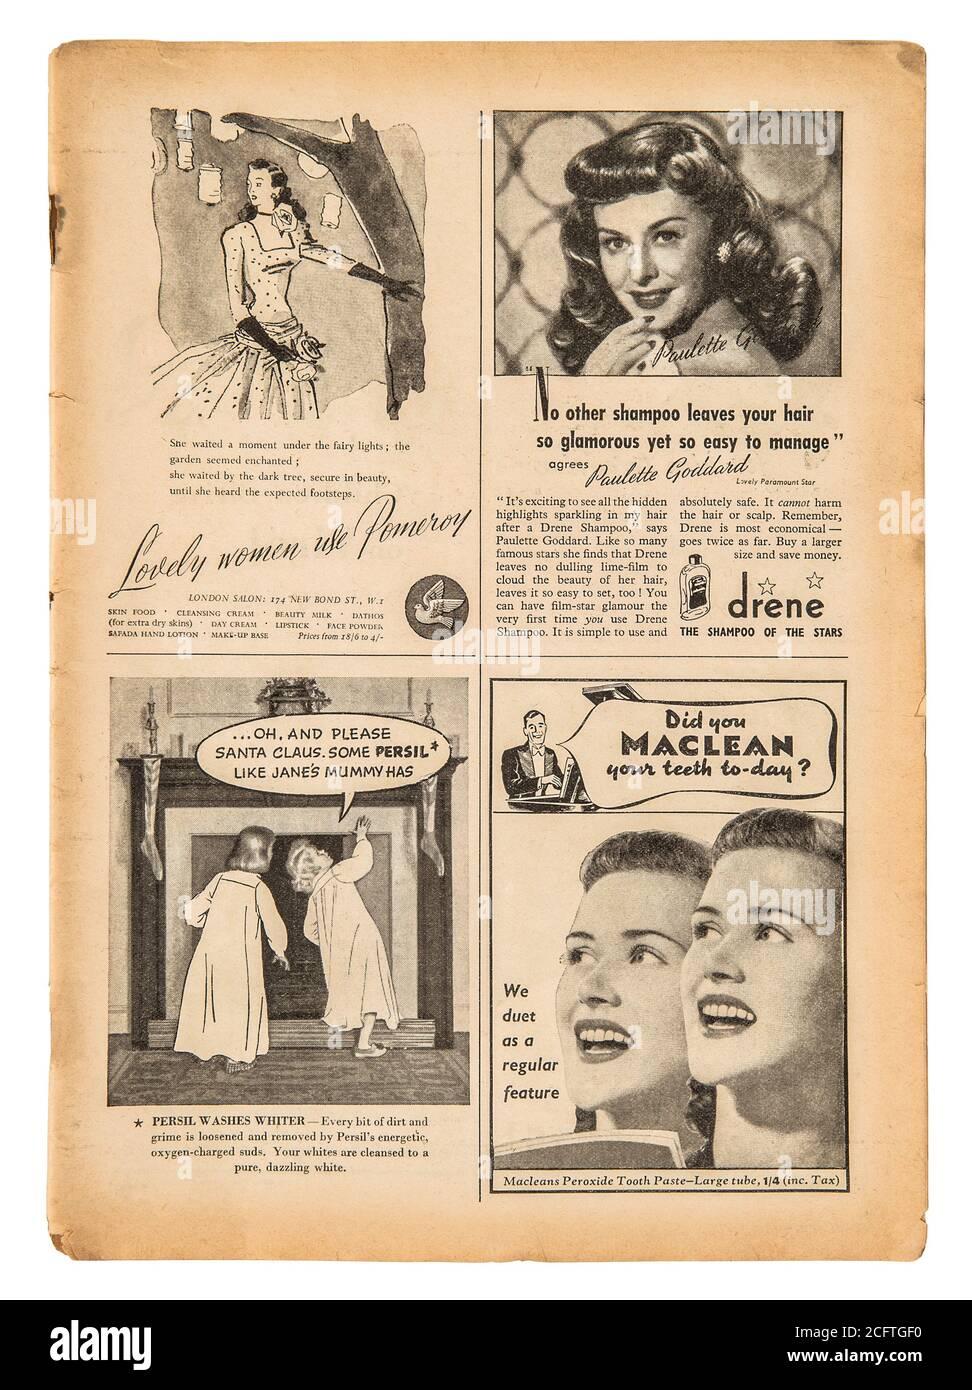 Page de journal avec texte anglais et images publicitaires vintage. Ancien magazine britannique de 1947 Banque D'Images